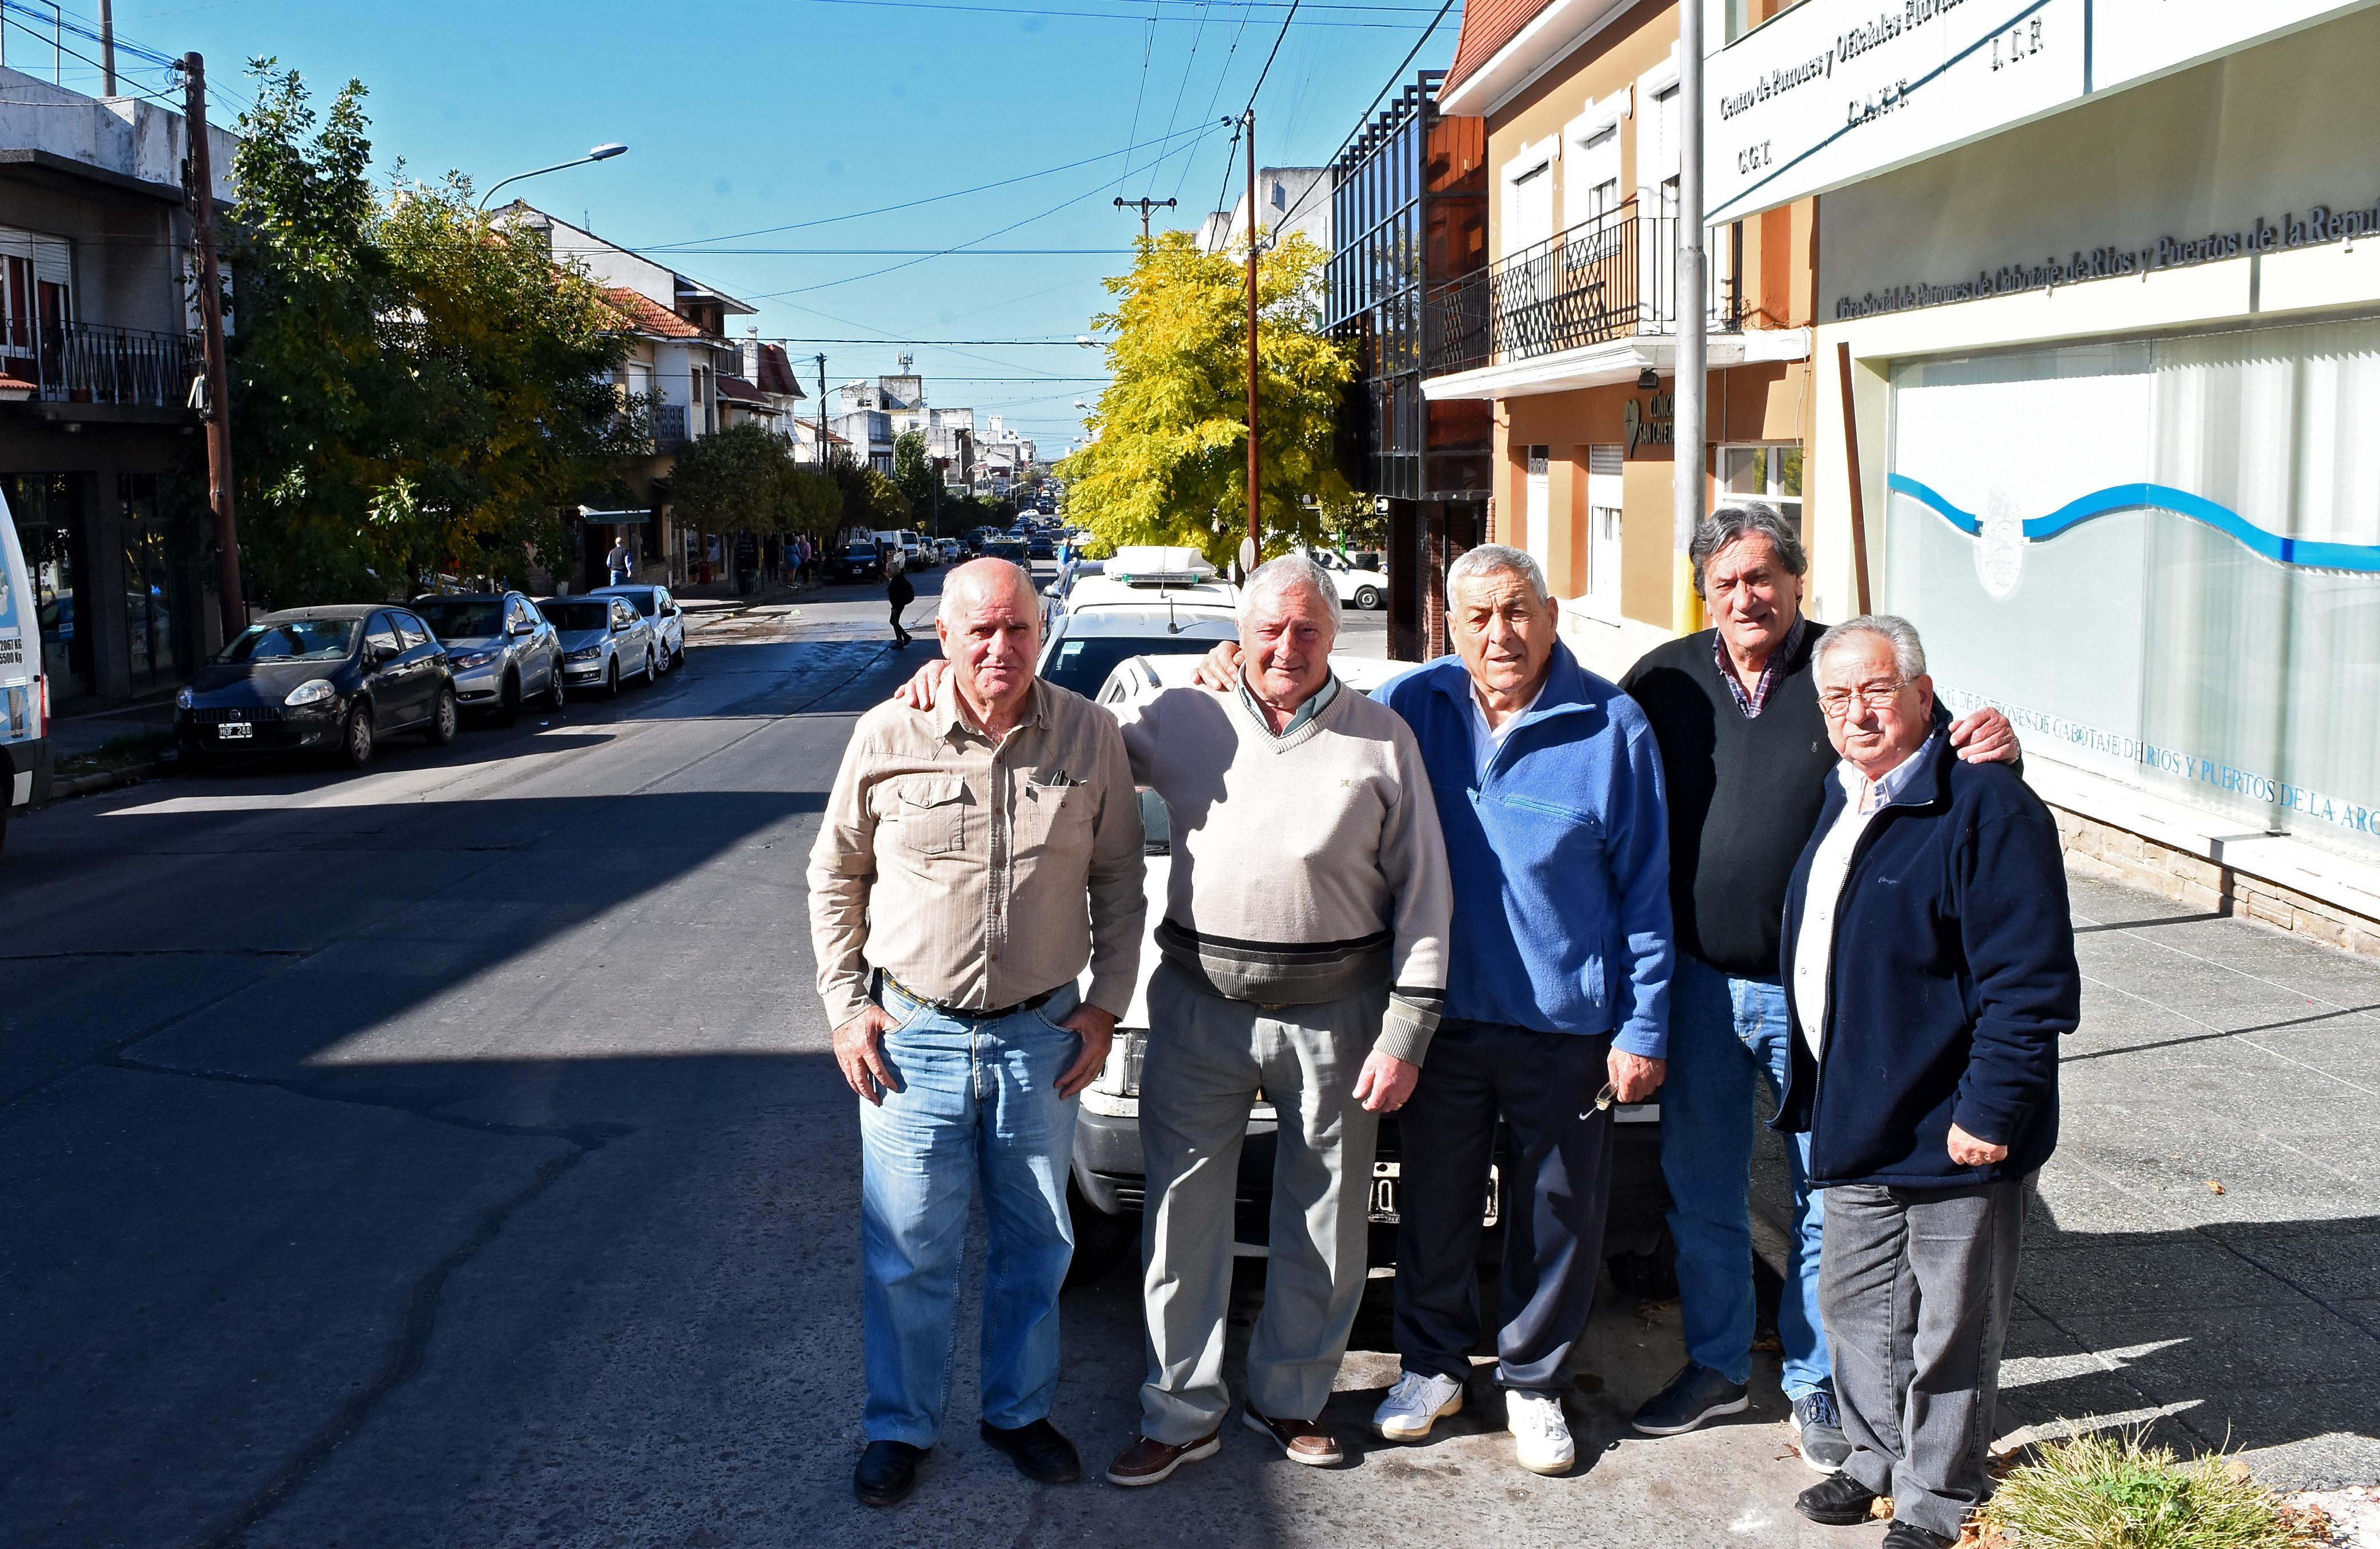 Carmelo Garufi, Humberto Donadío, Eduardo Izzo, José Pica y Carlos Rodríguez, antiguos vecinos portuarios que eran niños o adolescentes cuando vivieron en carne propia el bombardeo de 1955.